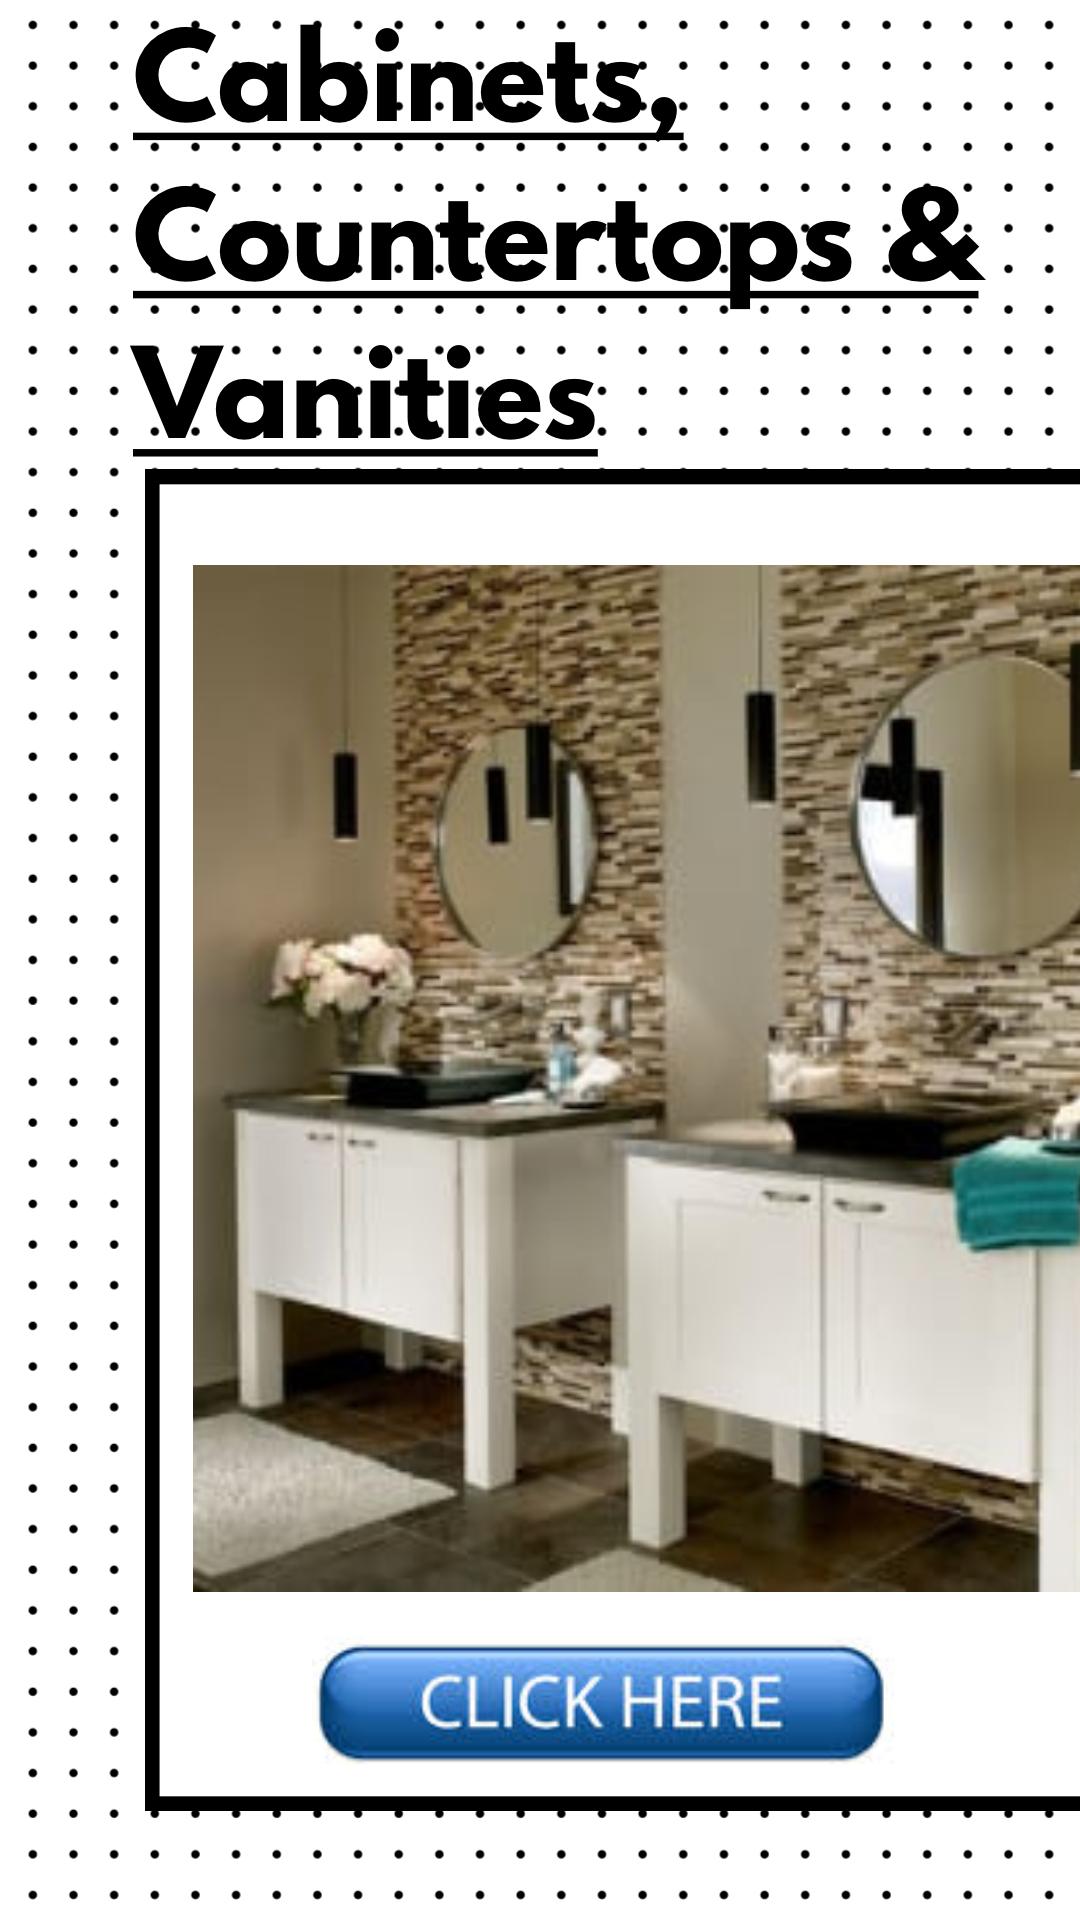 Cabinets, Countertops & Vanities